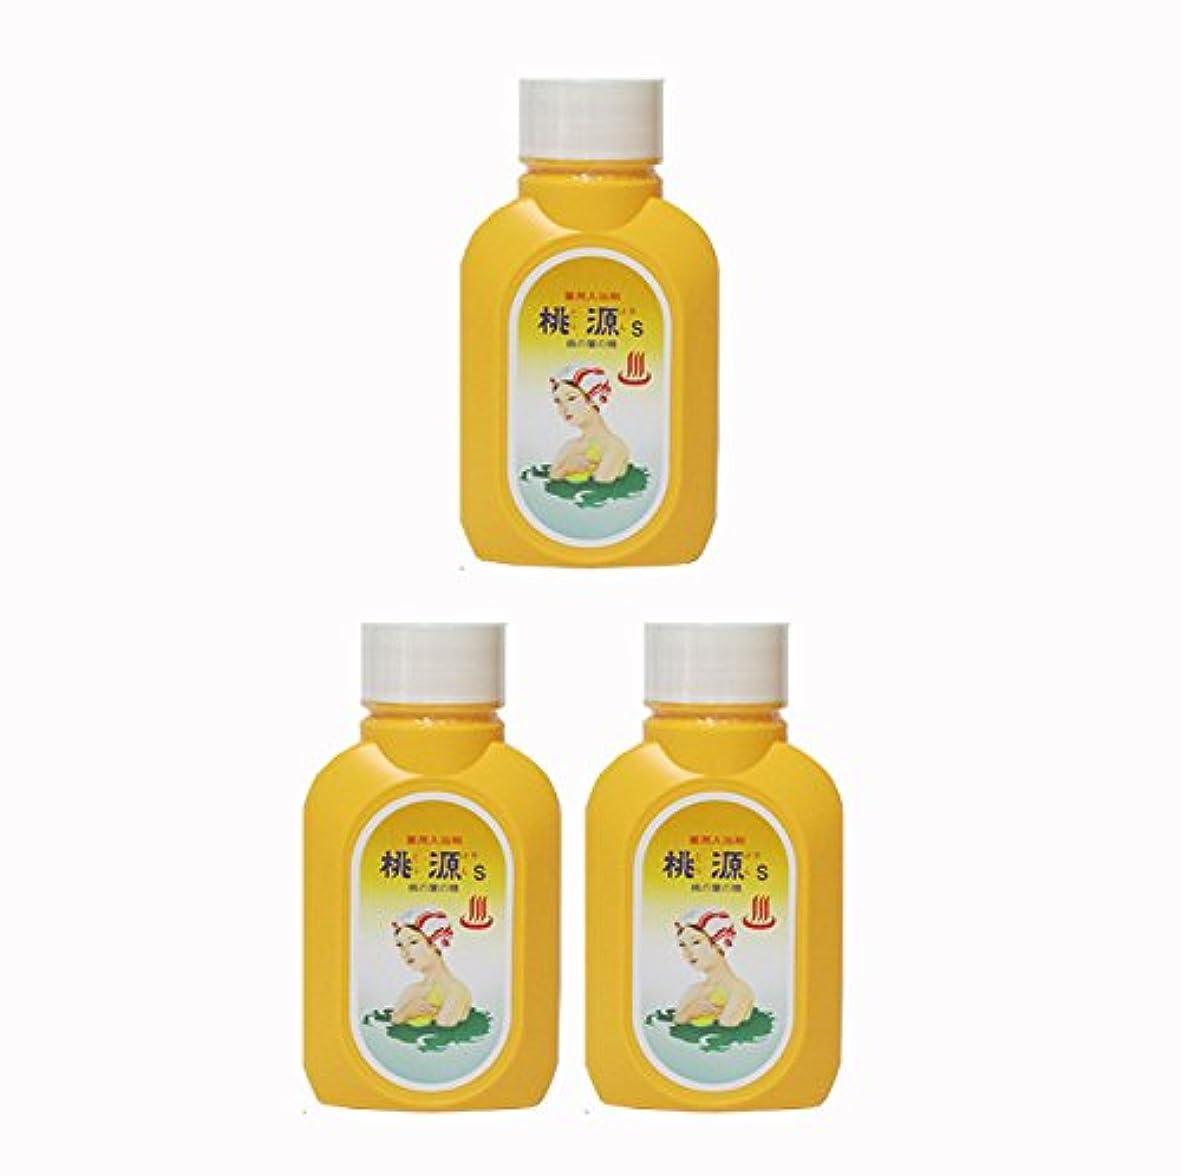 観察持続する痛い桃源S 桃の葉の精 700g (オレンジ) 3個 (とうげんs)